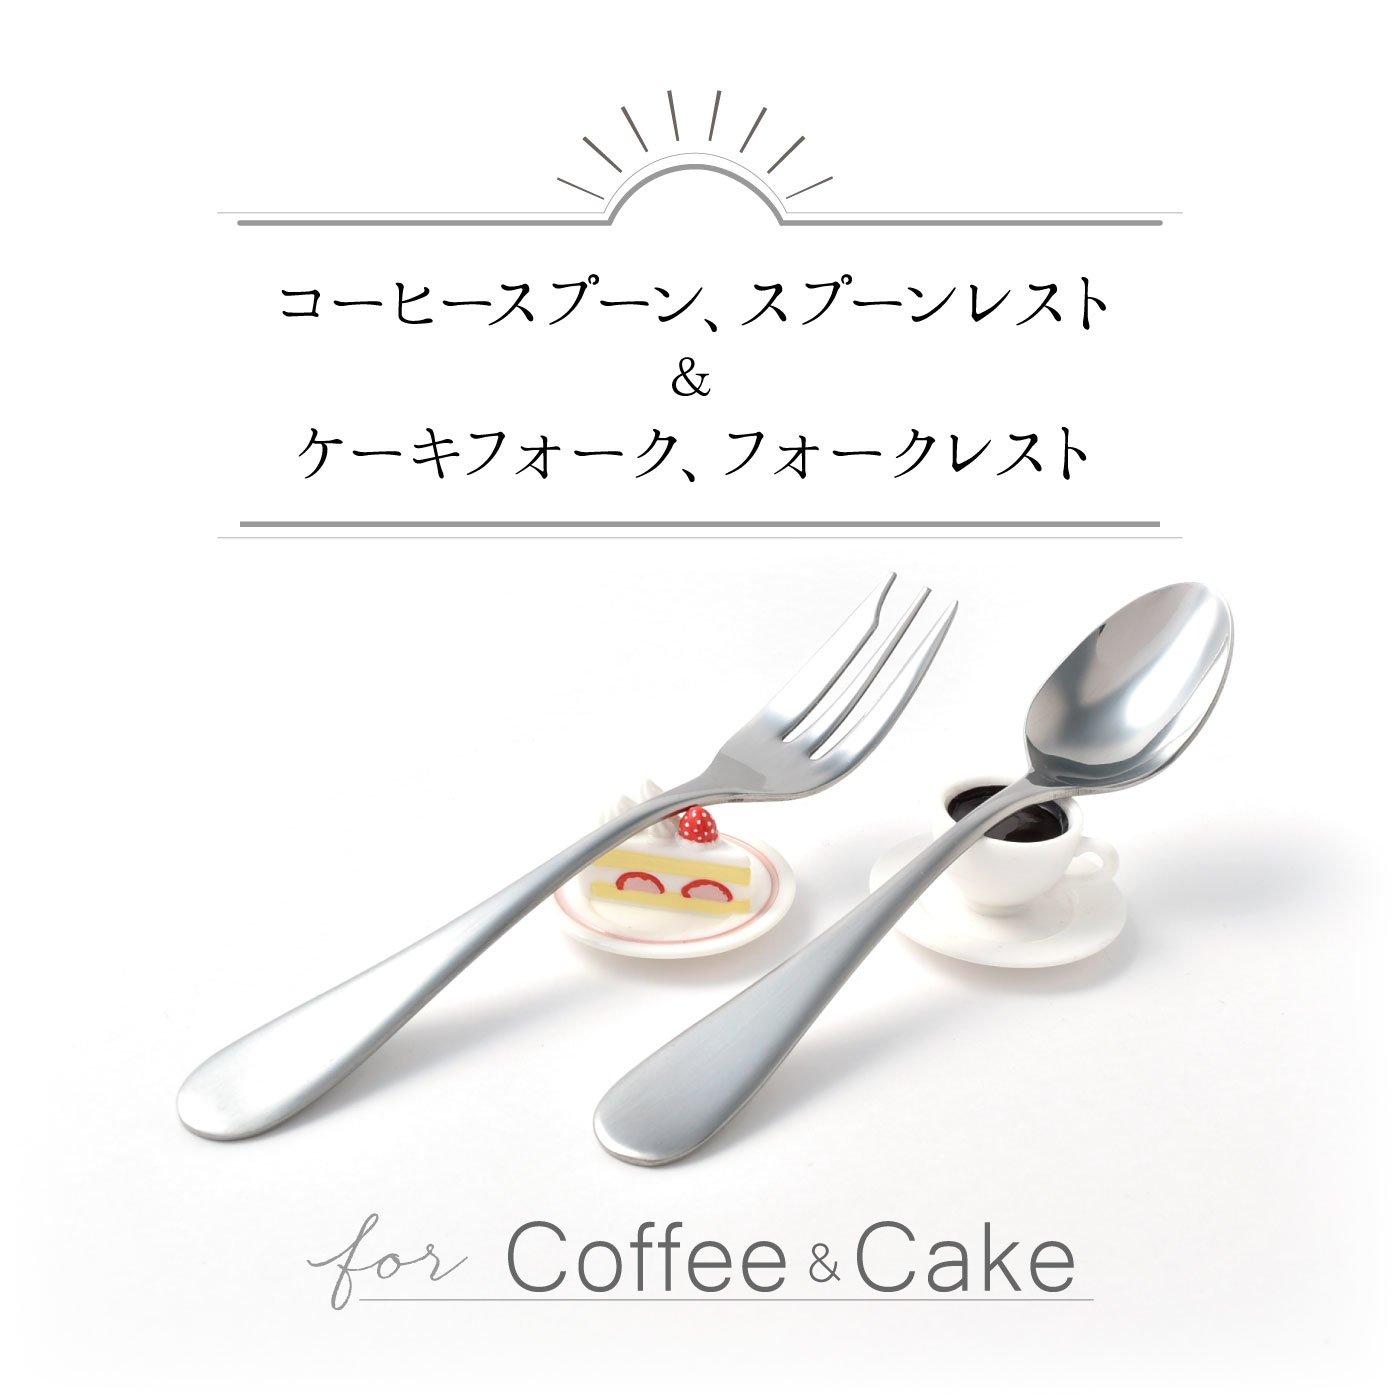 ミニチュアレストが可愛すぎ! コーヒースプーン・ケーキフォーク&レストセット